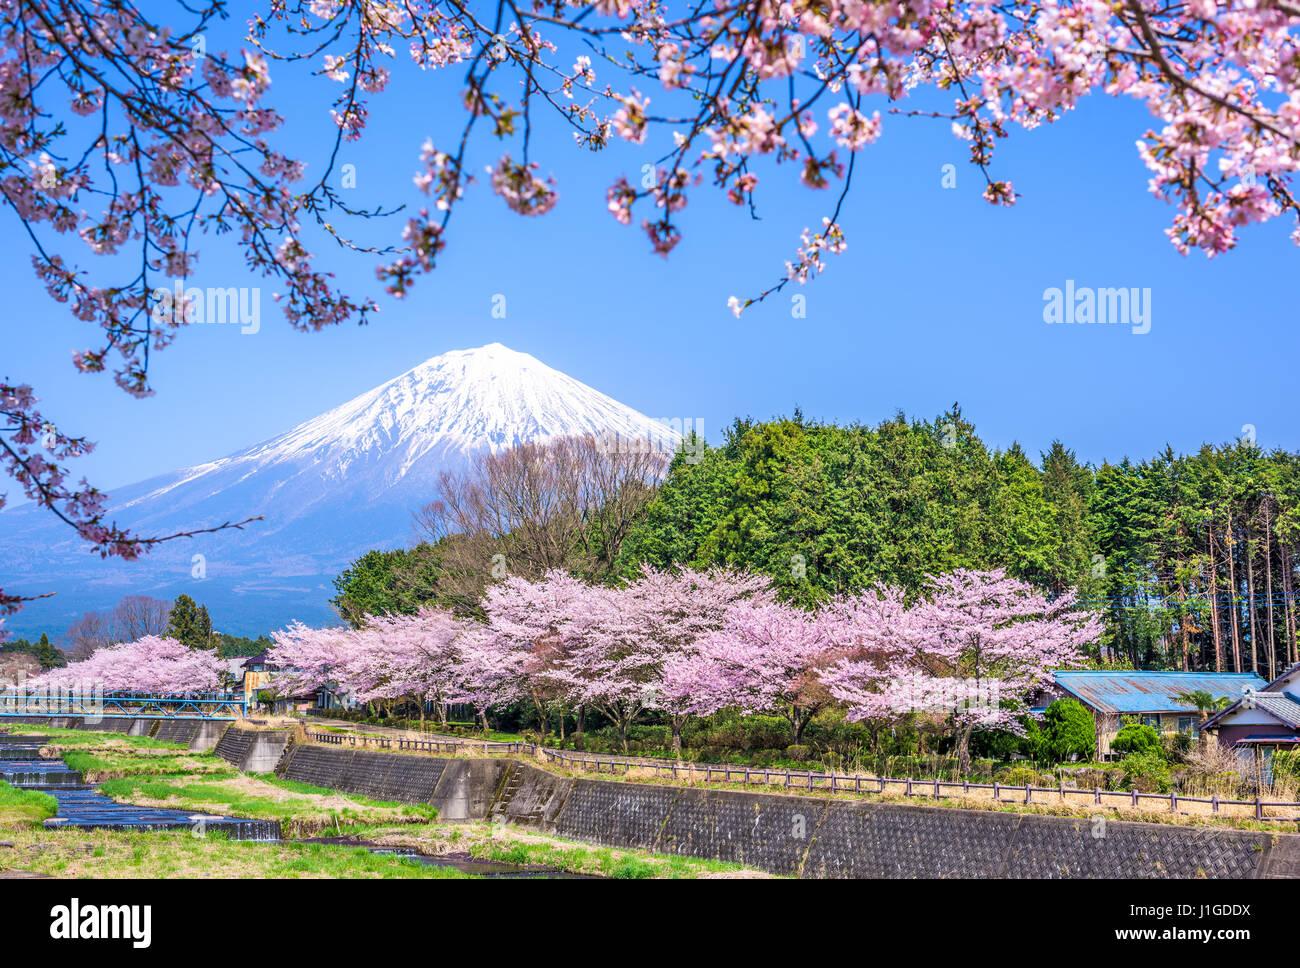 Shizuoka, Giappone a Mt. Fuji in primavera. Immagini Stock